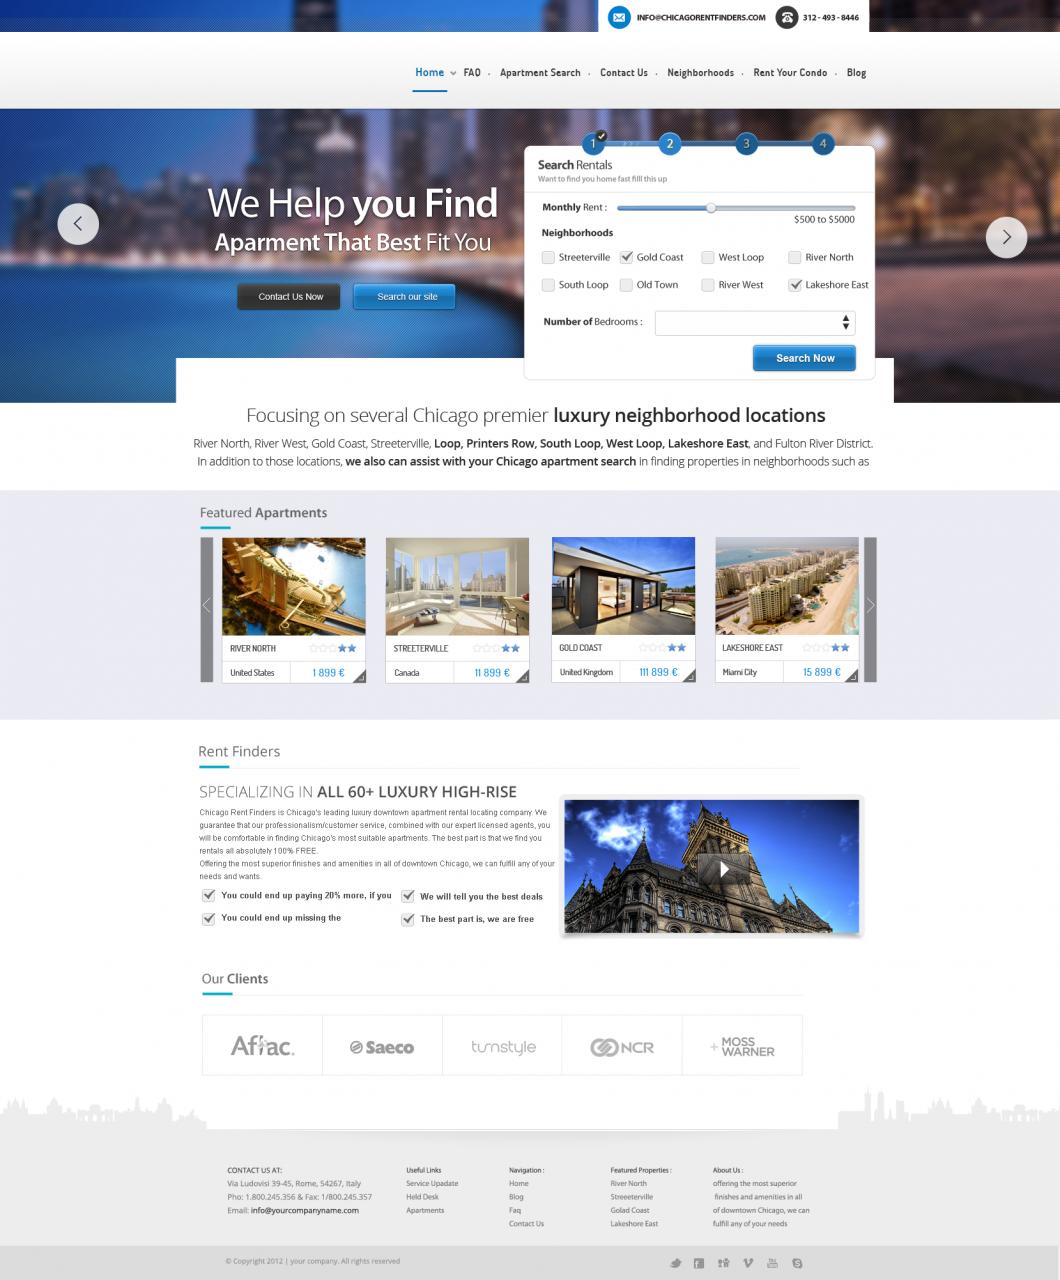 Travel Booking Website Design Template PSD